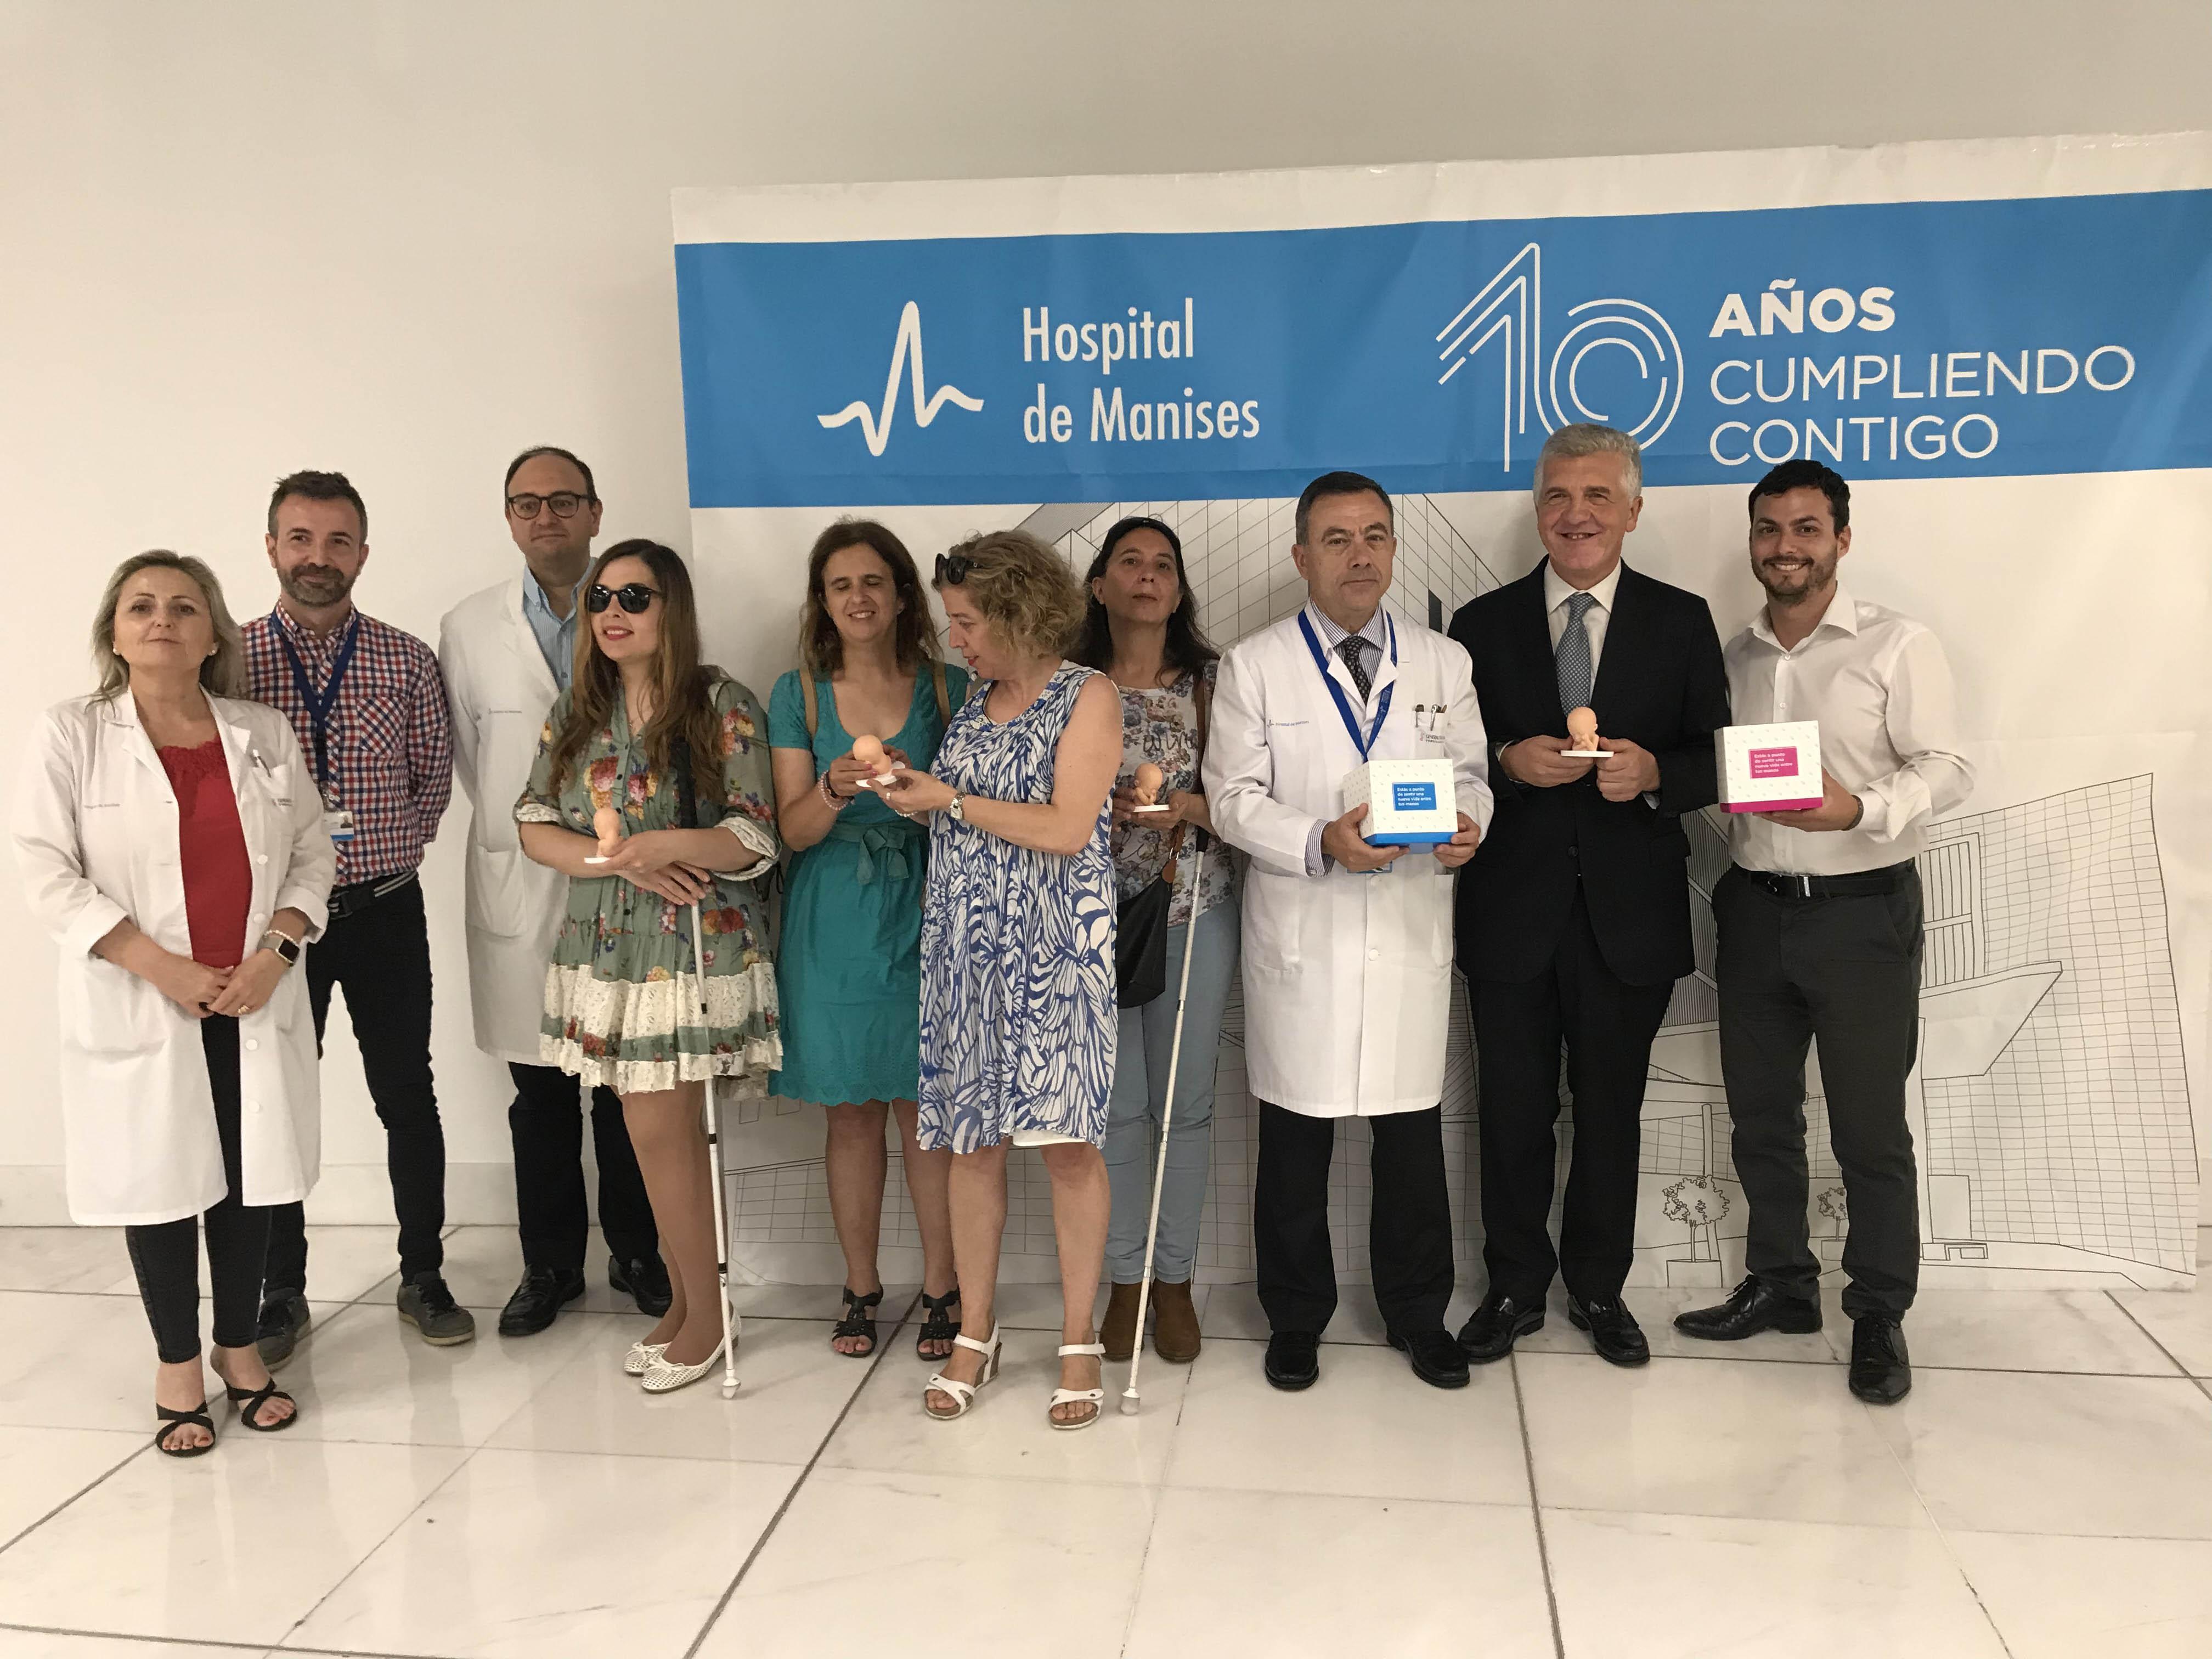 Grupo de responsables del Hospital de Manises y la ONCE durante la presentación del proyecto.